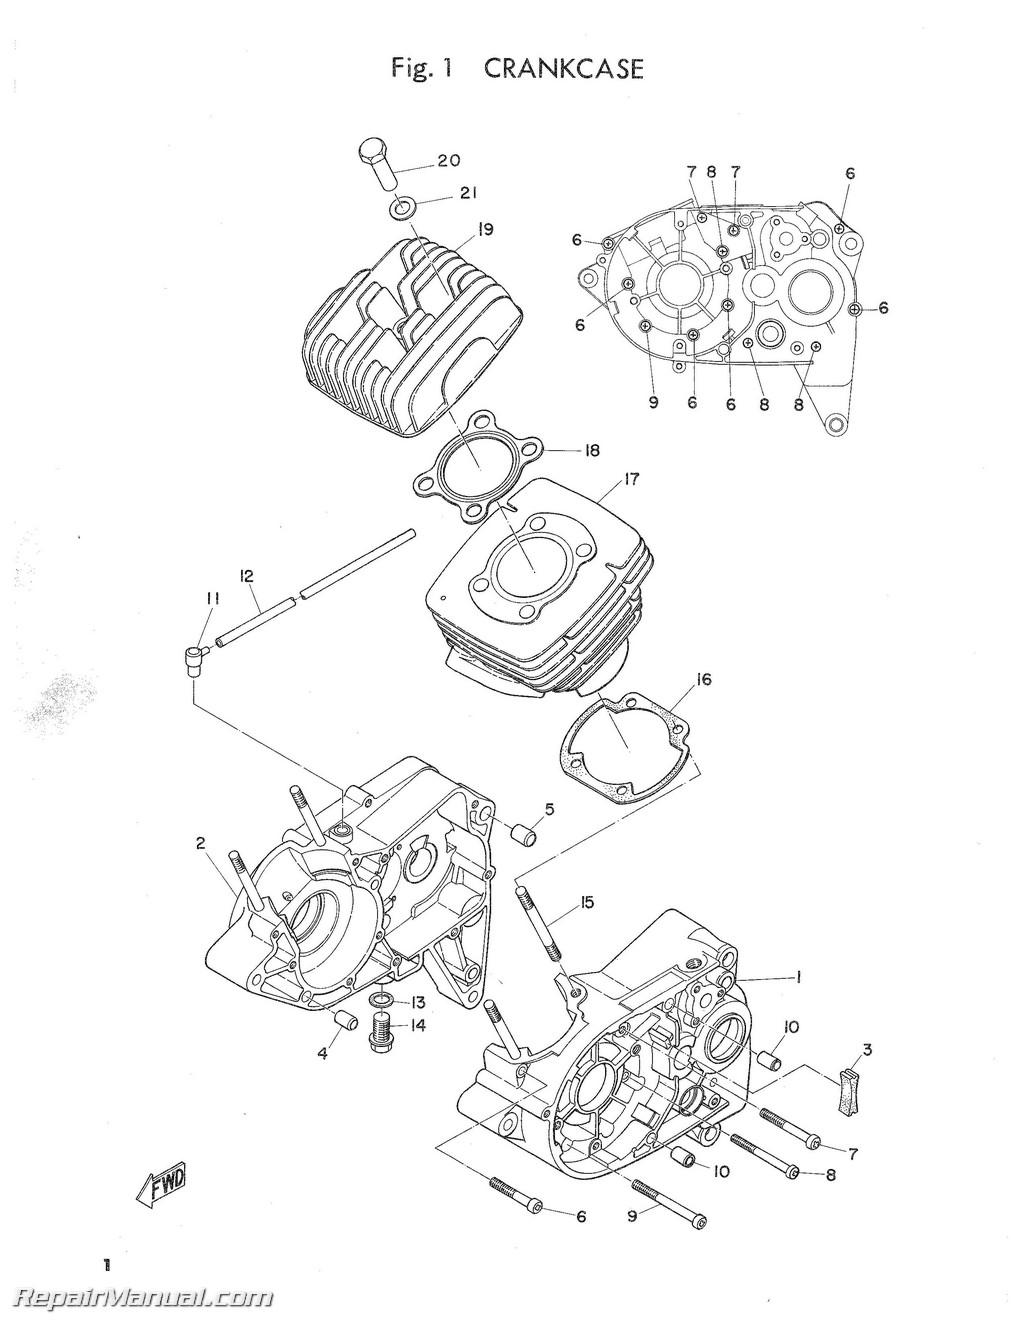 1969 yamaha ct1 series parts manual